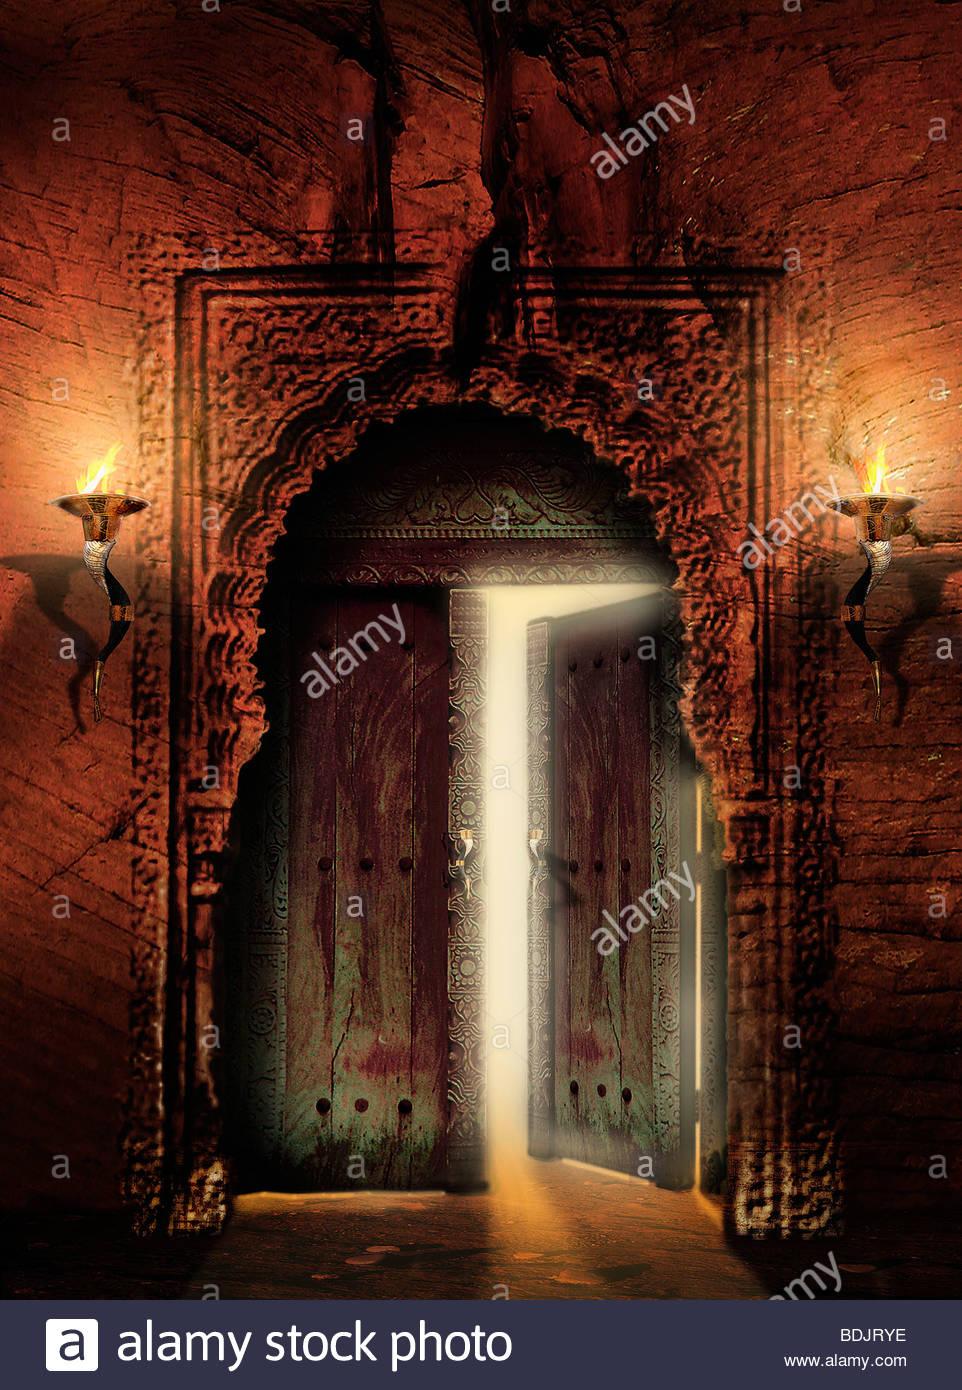 Ornamentado, antigua puerta con puerta parcialmente abierta Imagen De Stock